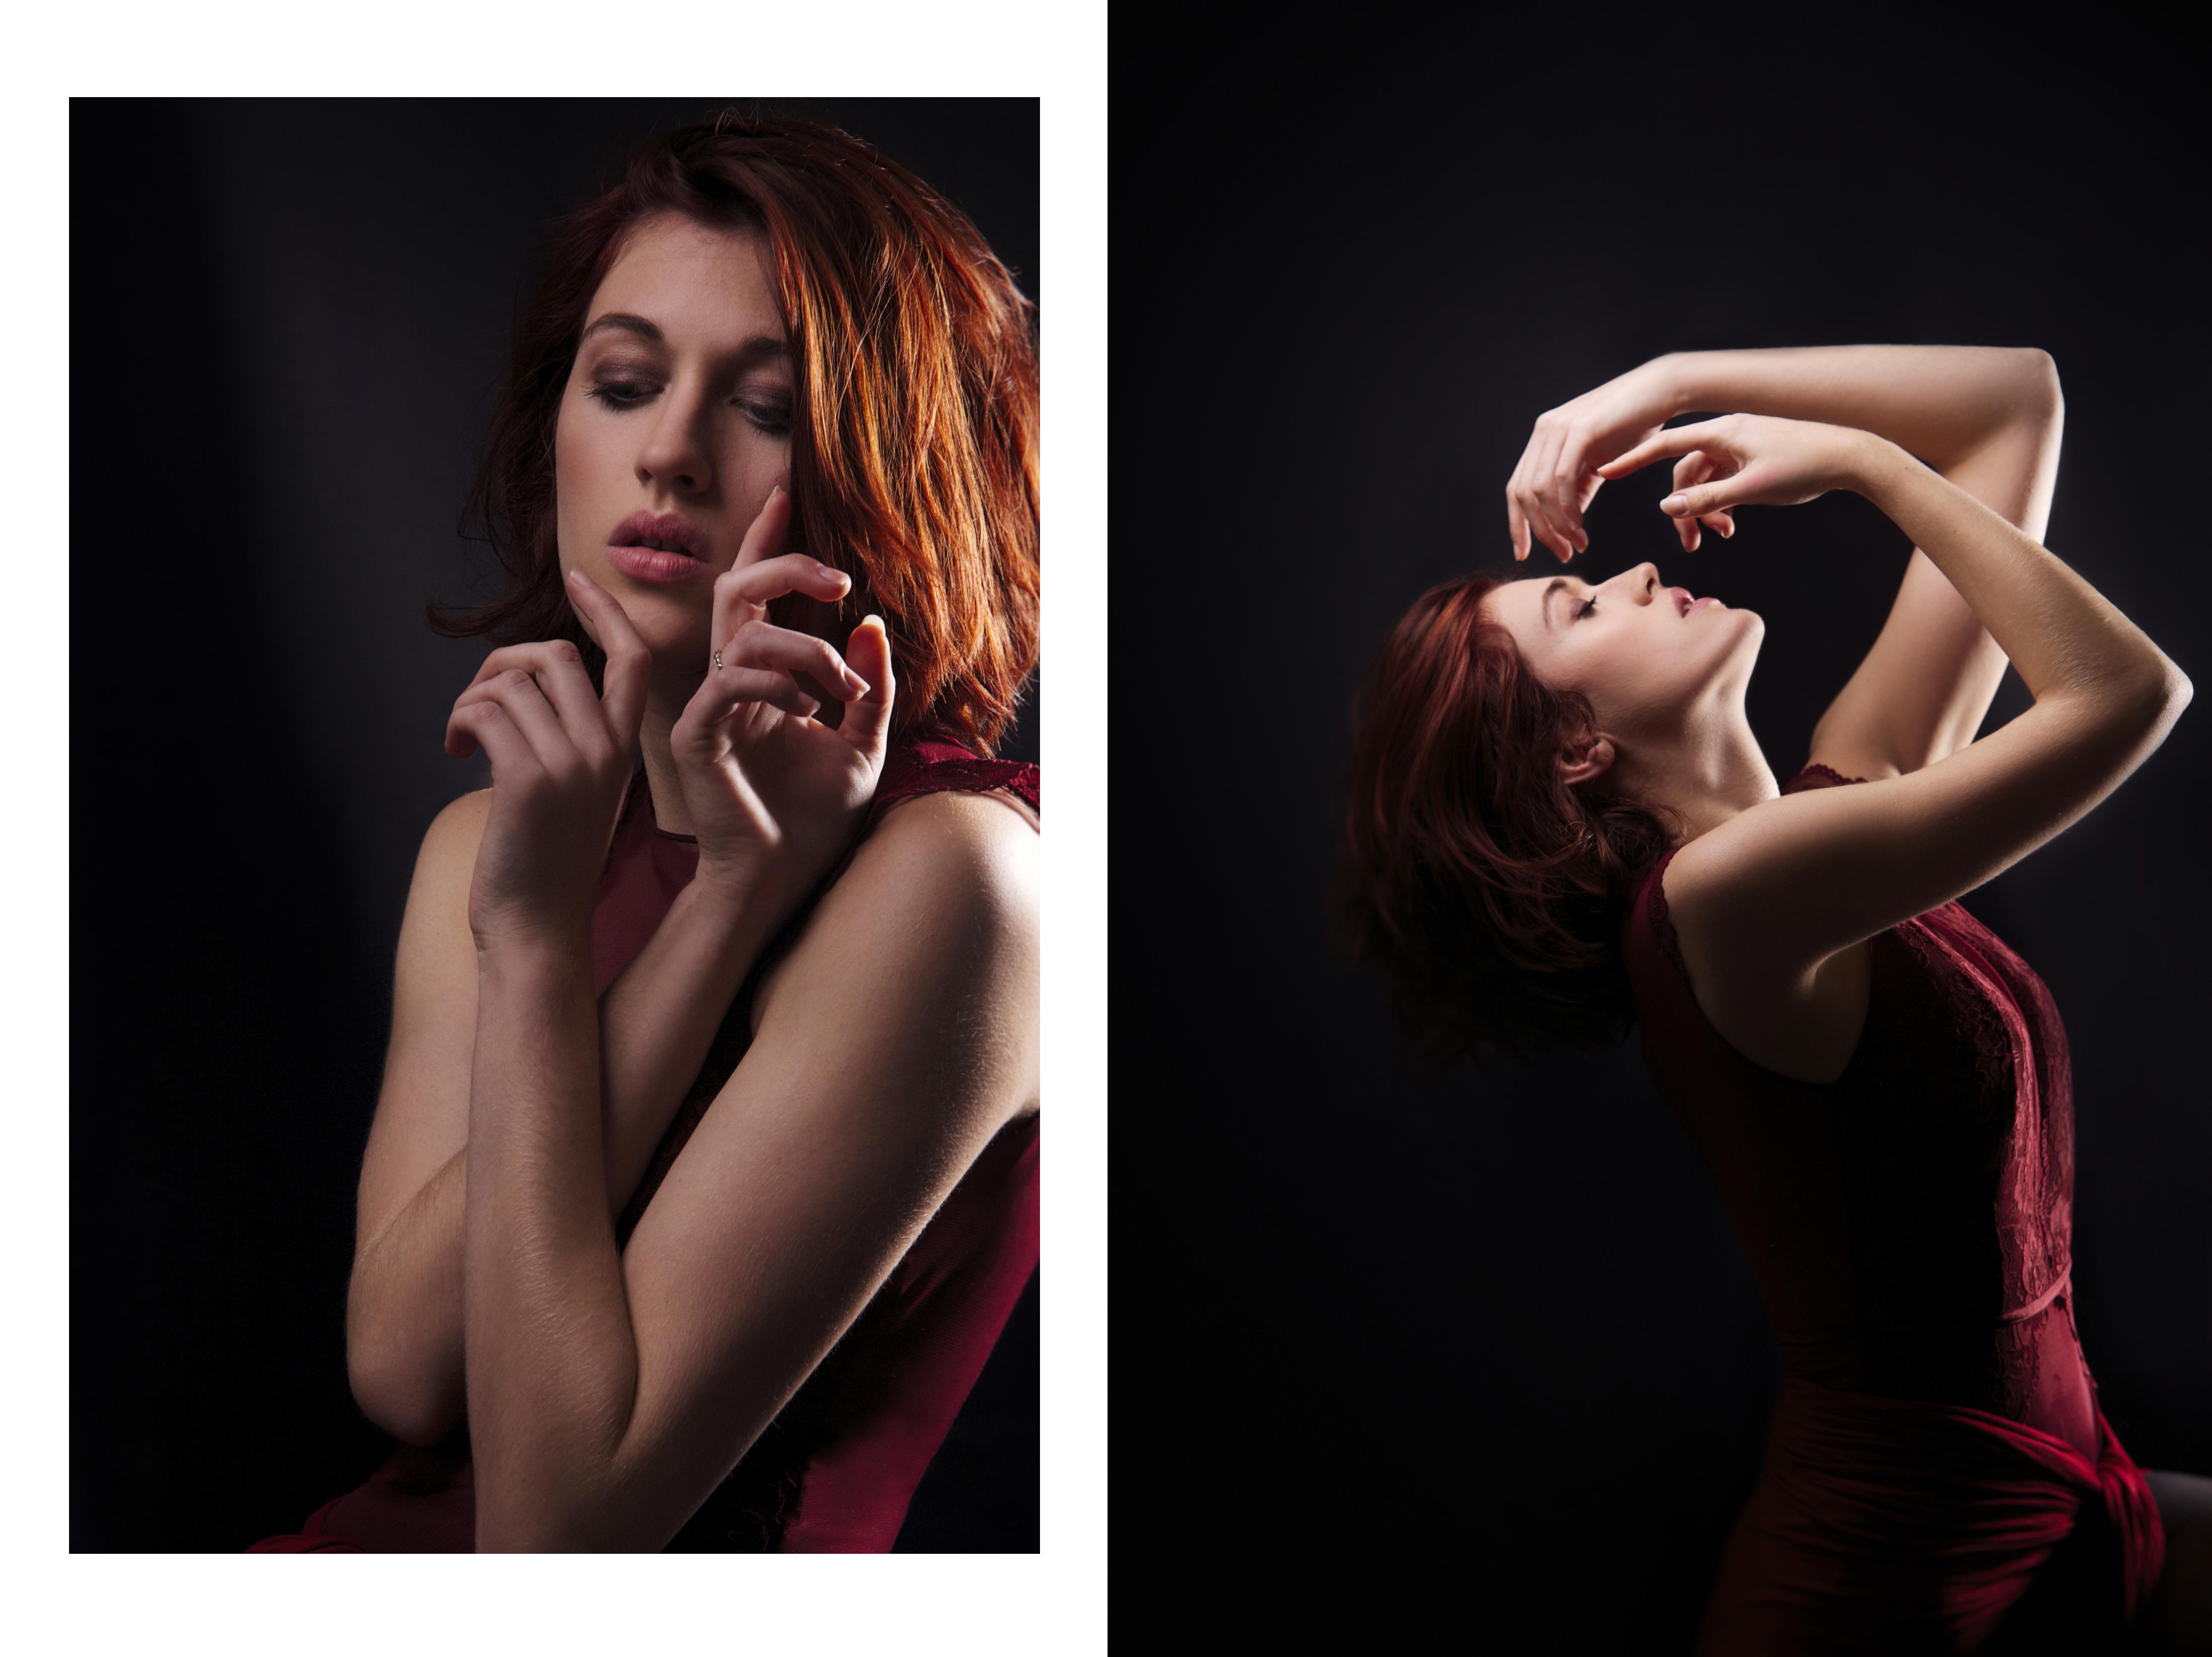 photographe tours paris portrait book artiste danseur commedien studio10